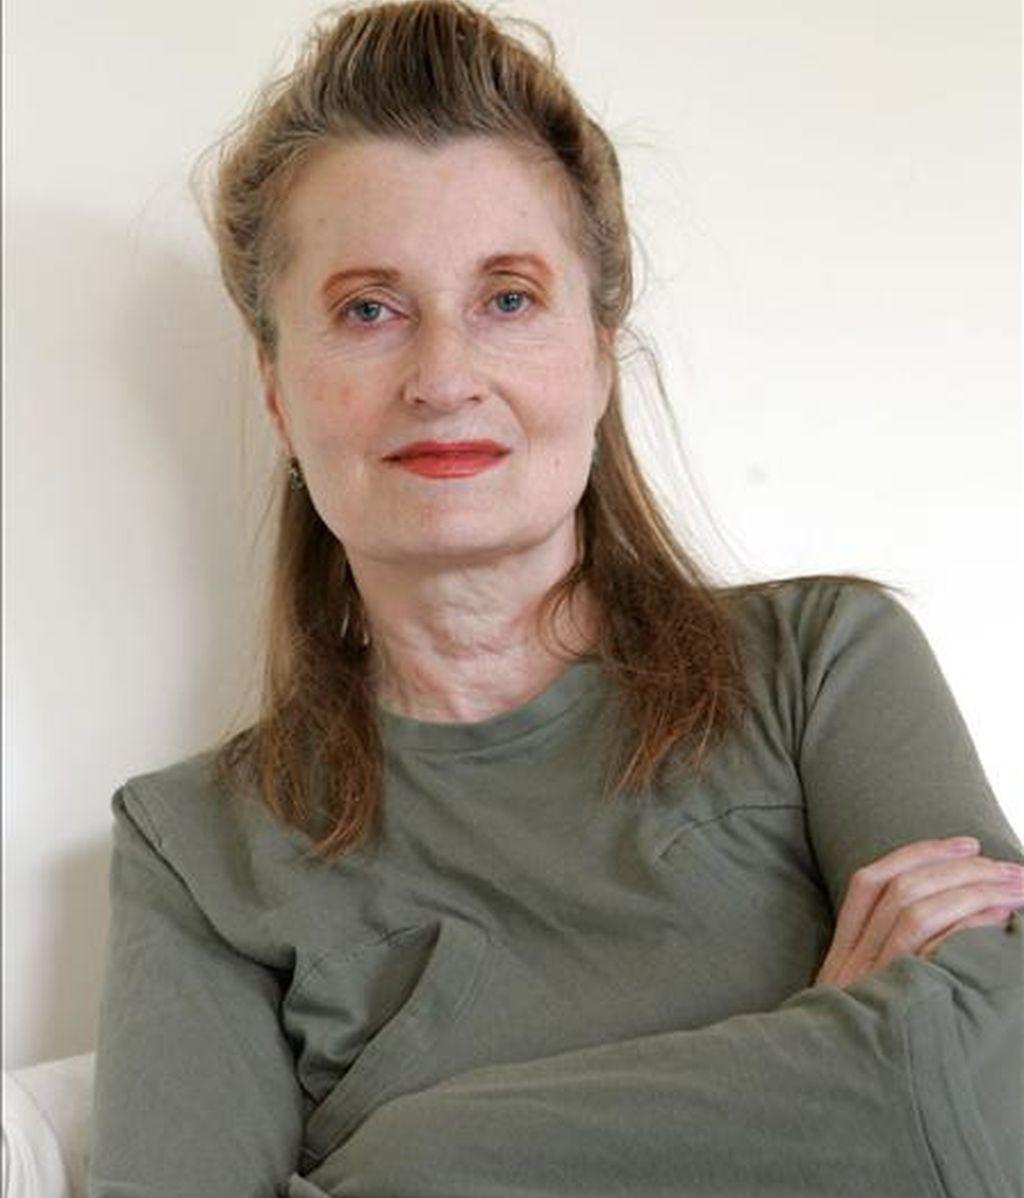 La escritora austríaca Elfriede Jelinek, Premio Nobel de Literatura, ha sido elegida como autora dramática del año en Alemania. EFE/Archivo